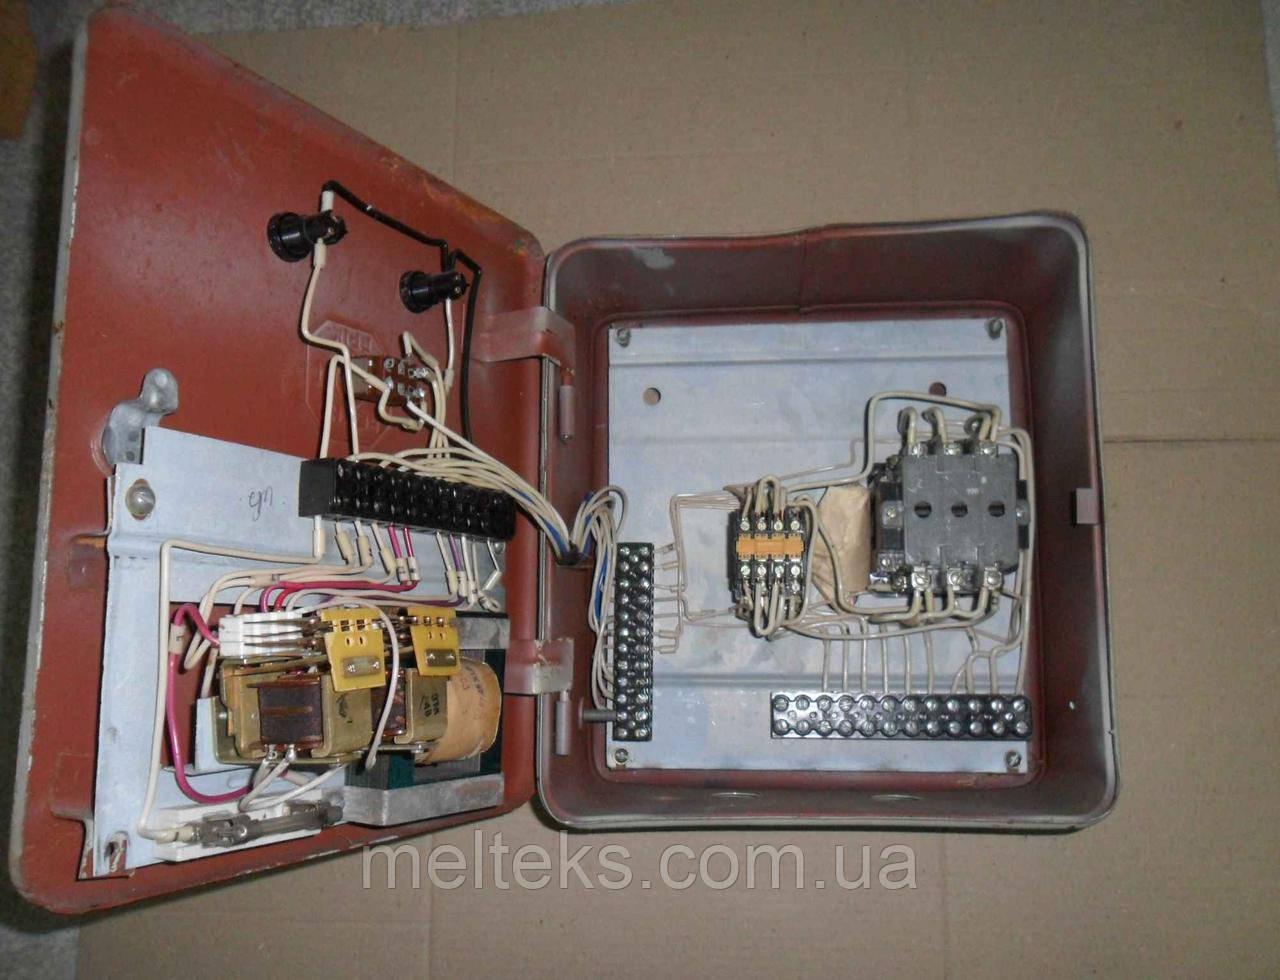 Щит электрический для котла КПЭ-60